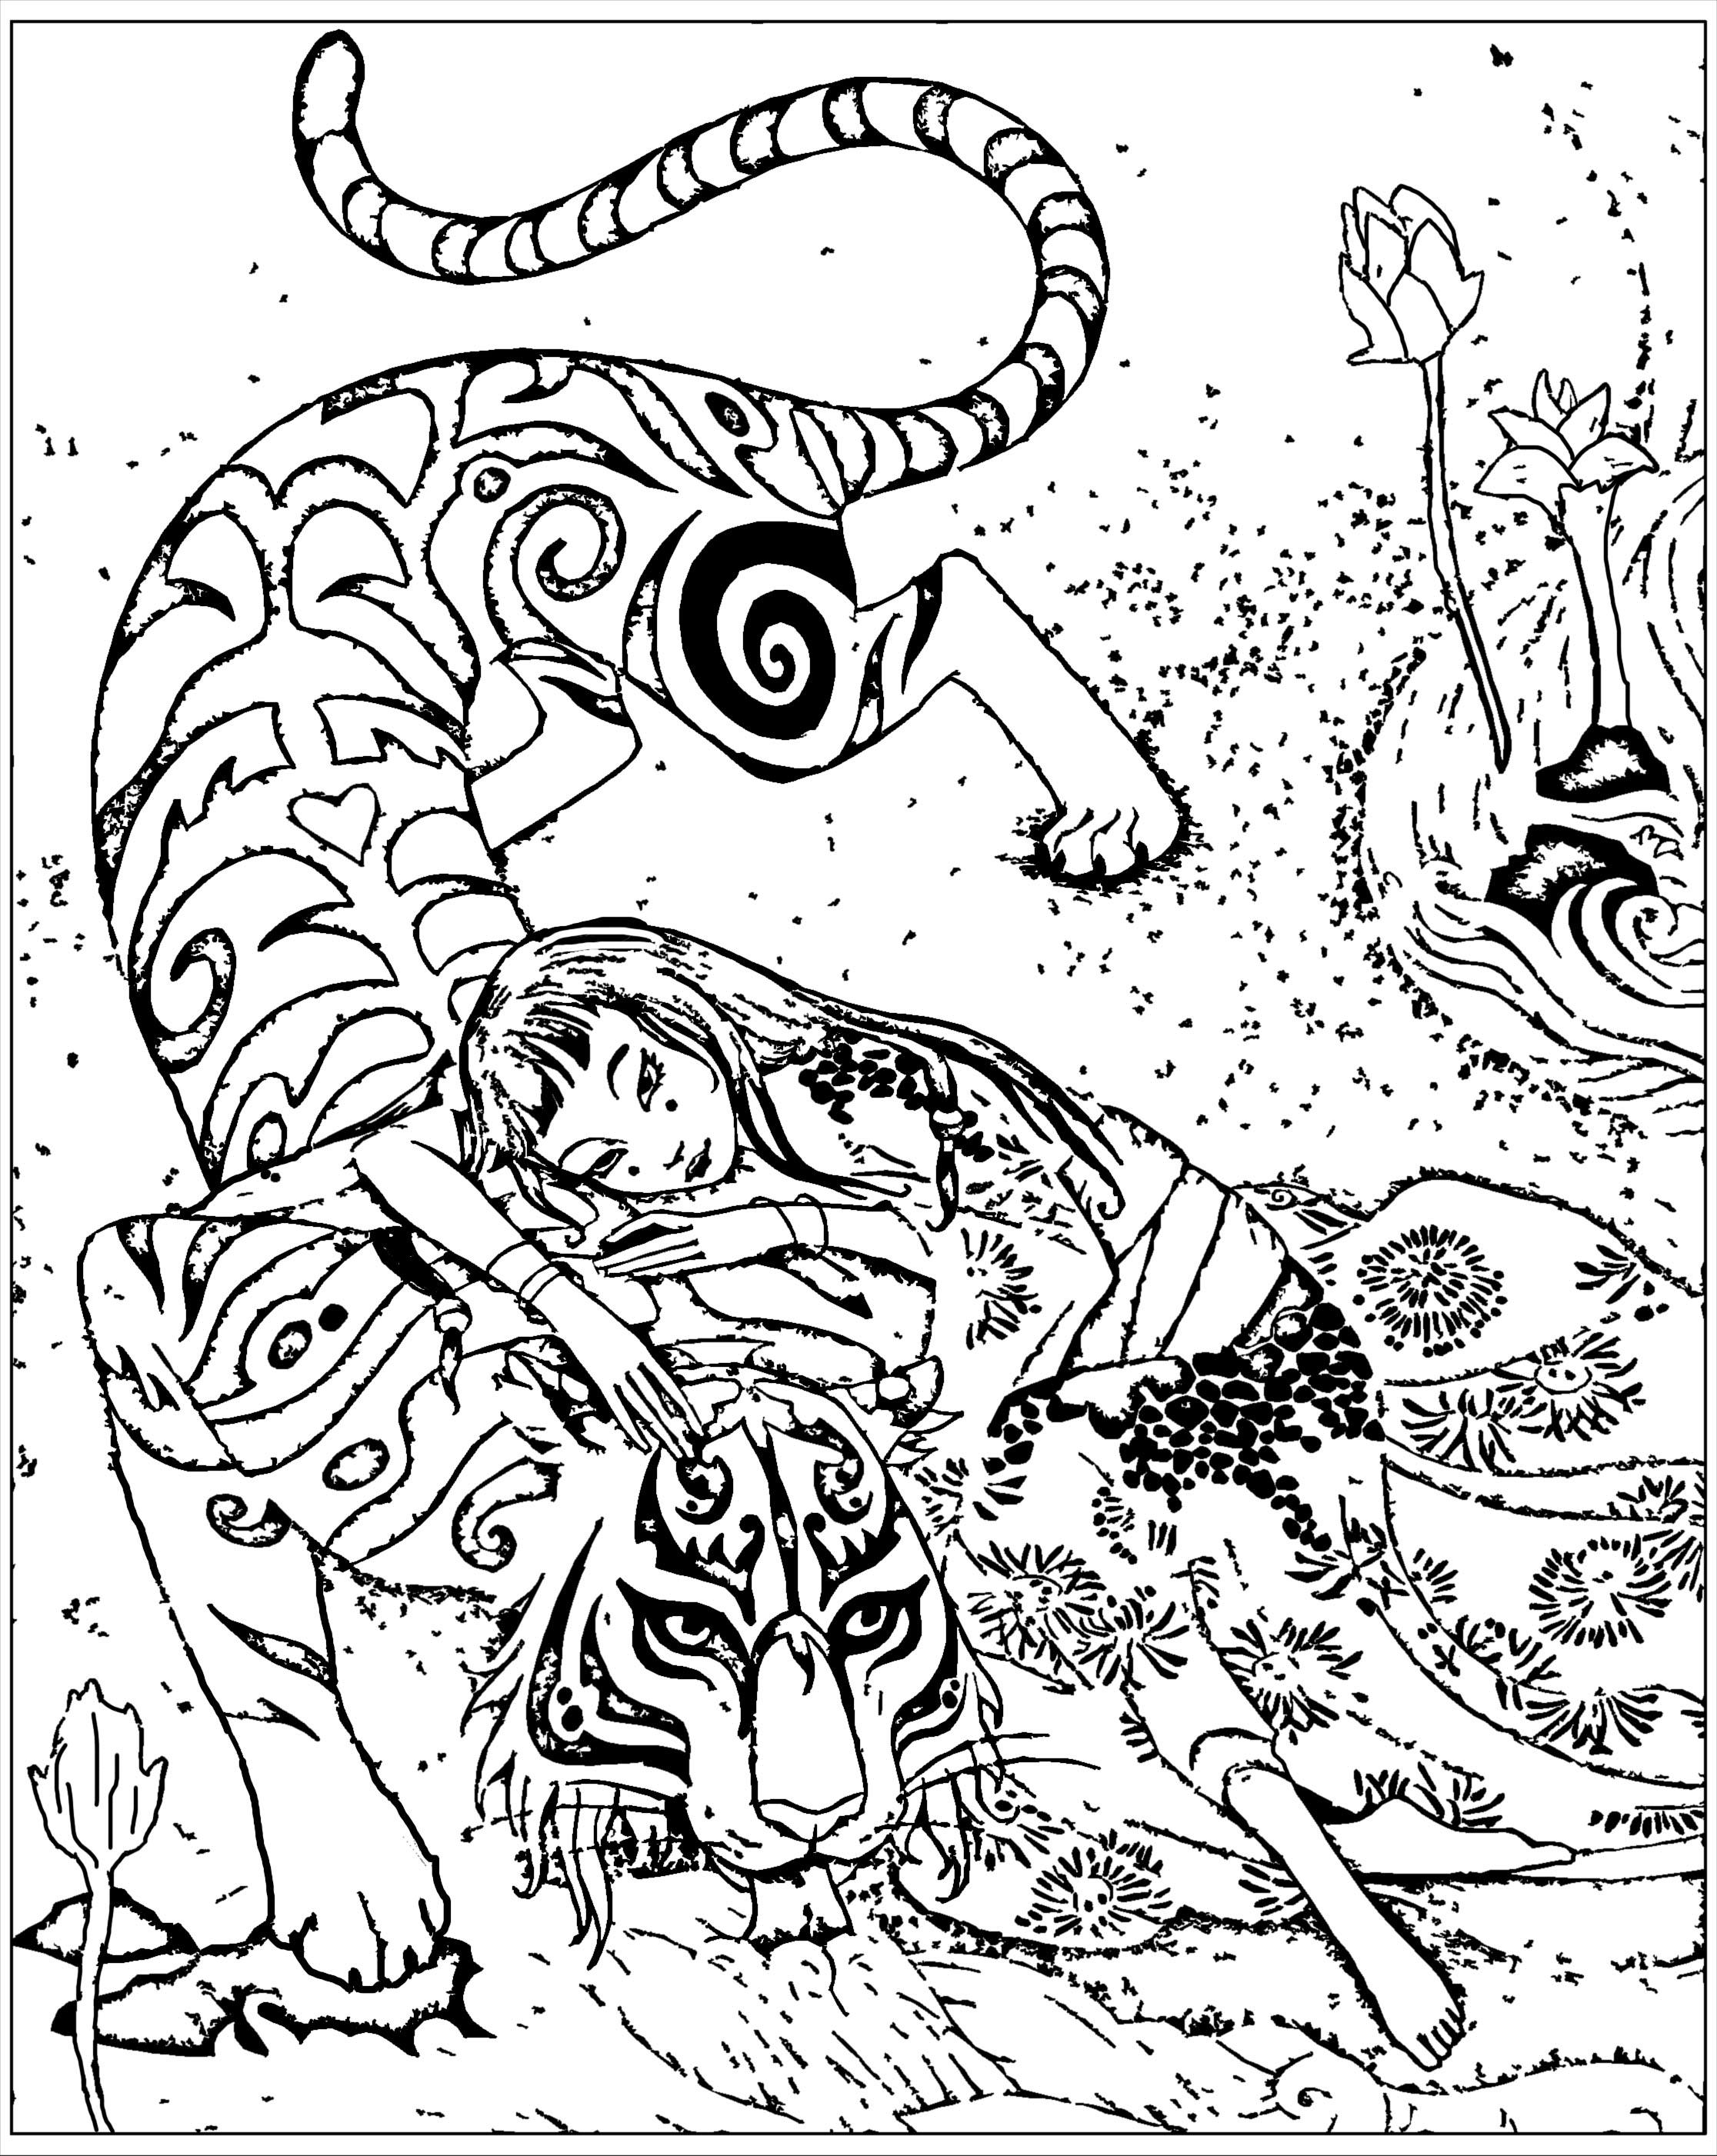 Pour Chine Inspire Livre Tigre Le Devoue De Qifeng Shen